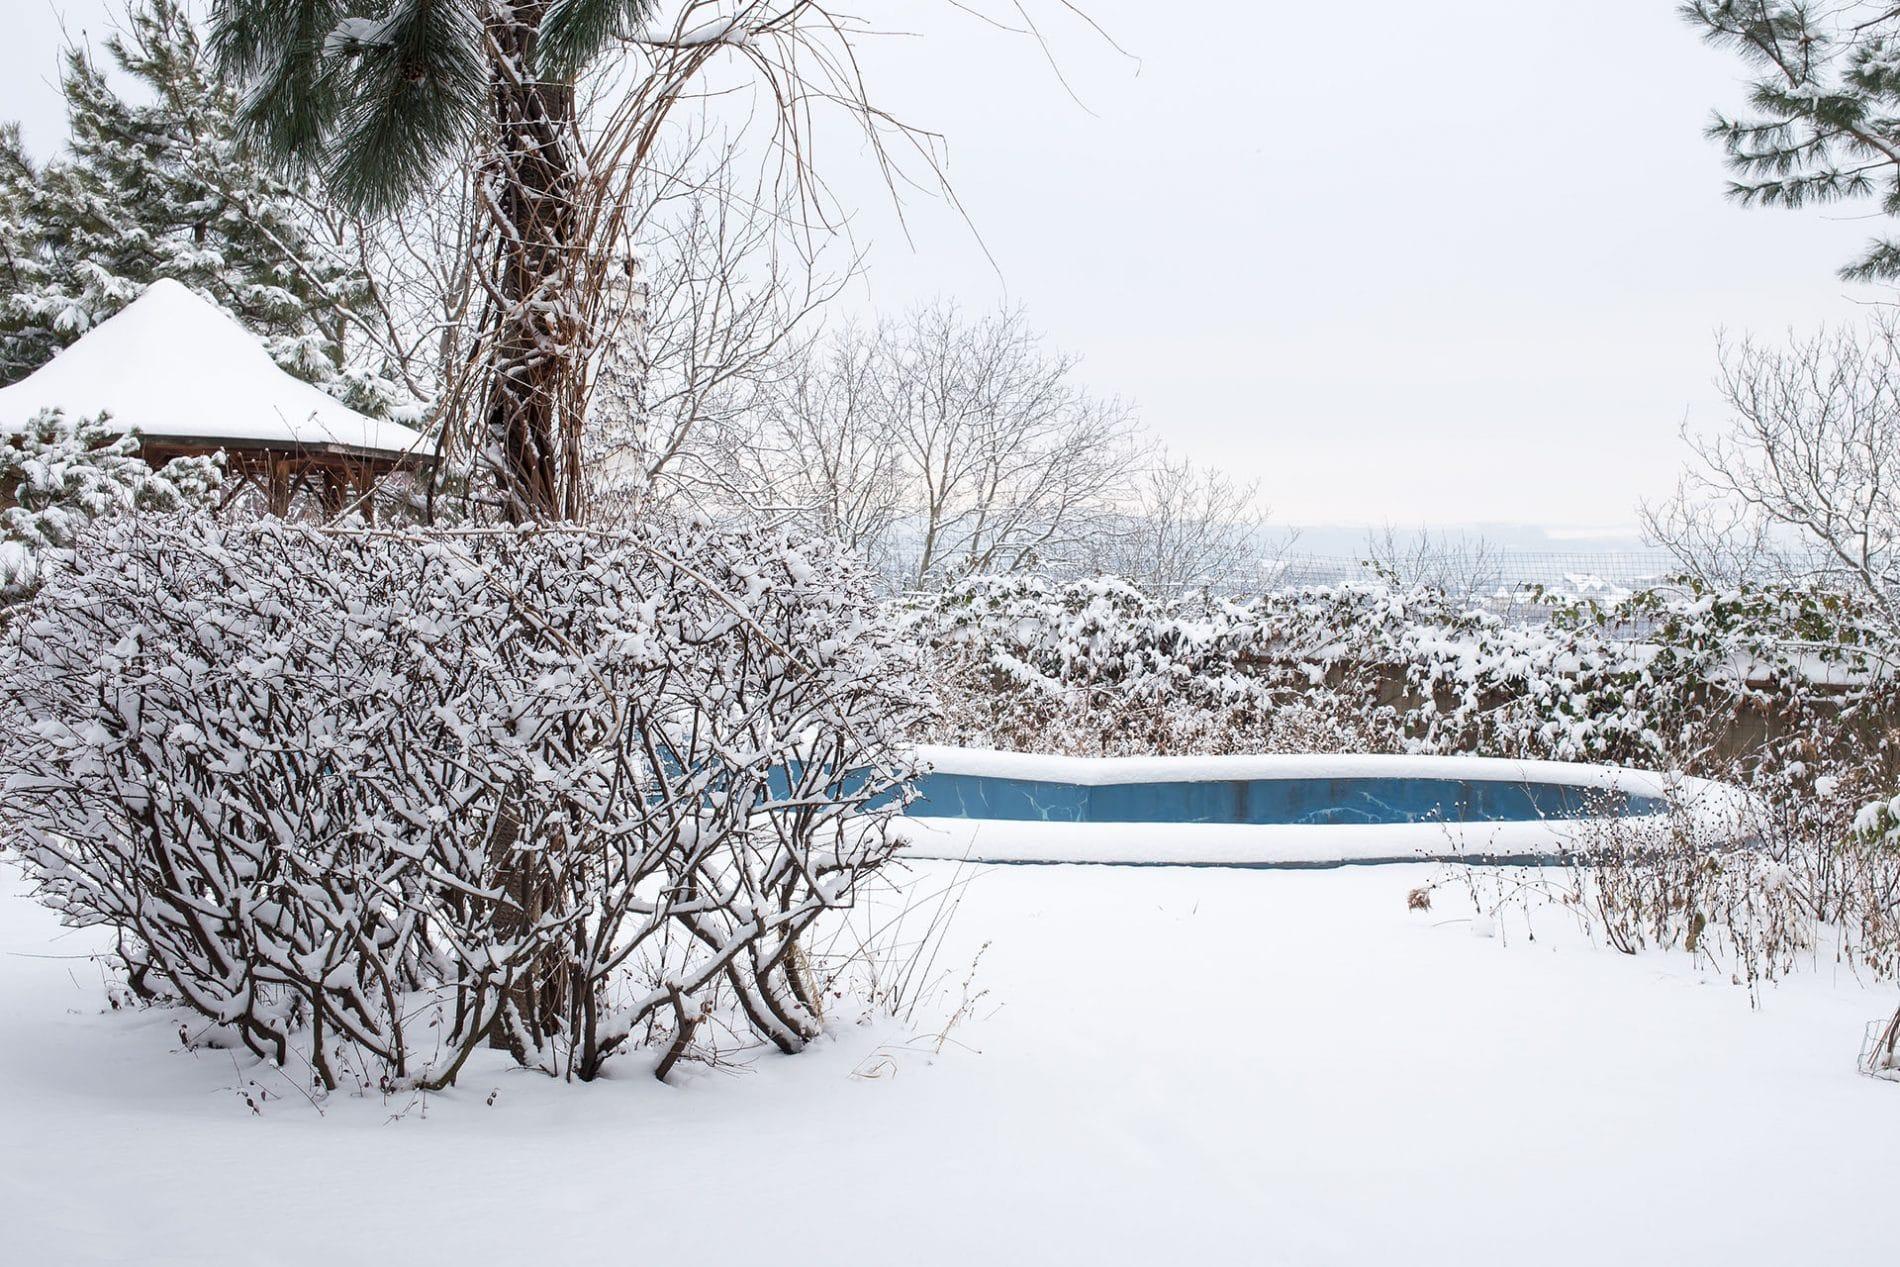 piscine-neige-1920.jpg